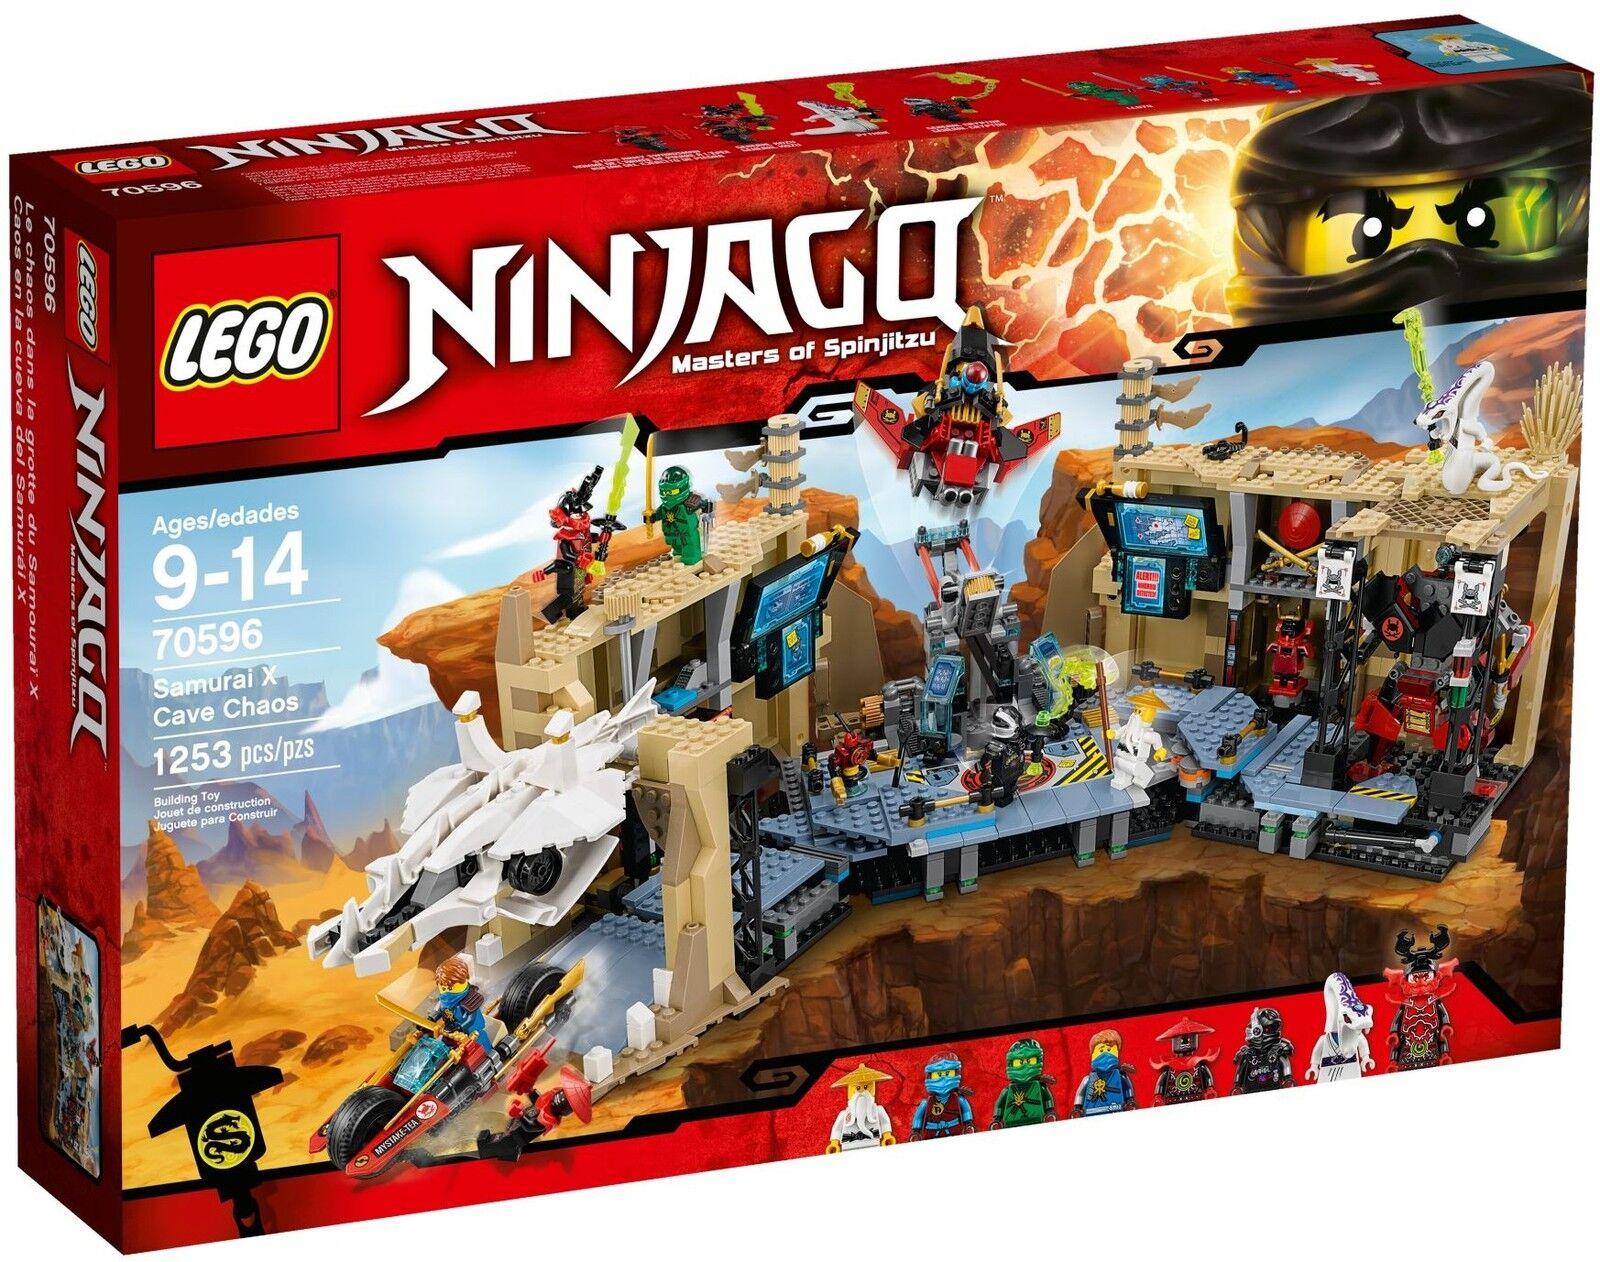 LEGO ® Ninjago ™ 70596 SAMURAI X  grossote Caos Nuovo OVP nuovo MISB NRFB  miglior reputazione